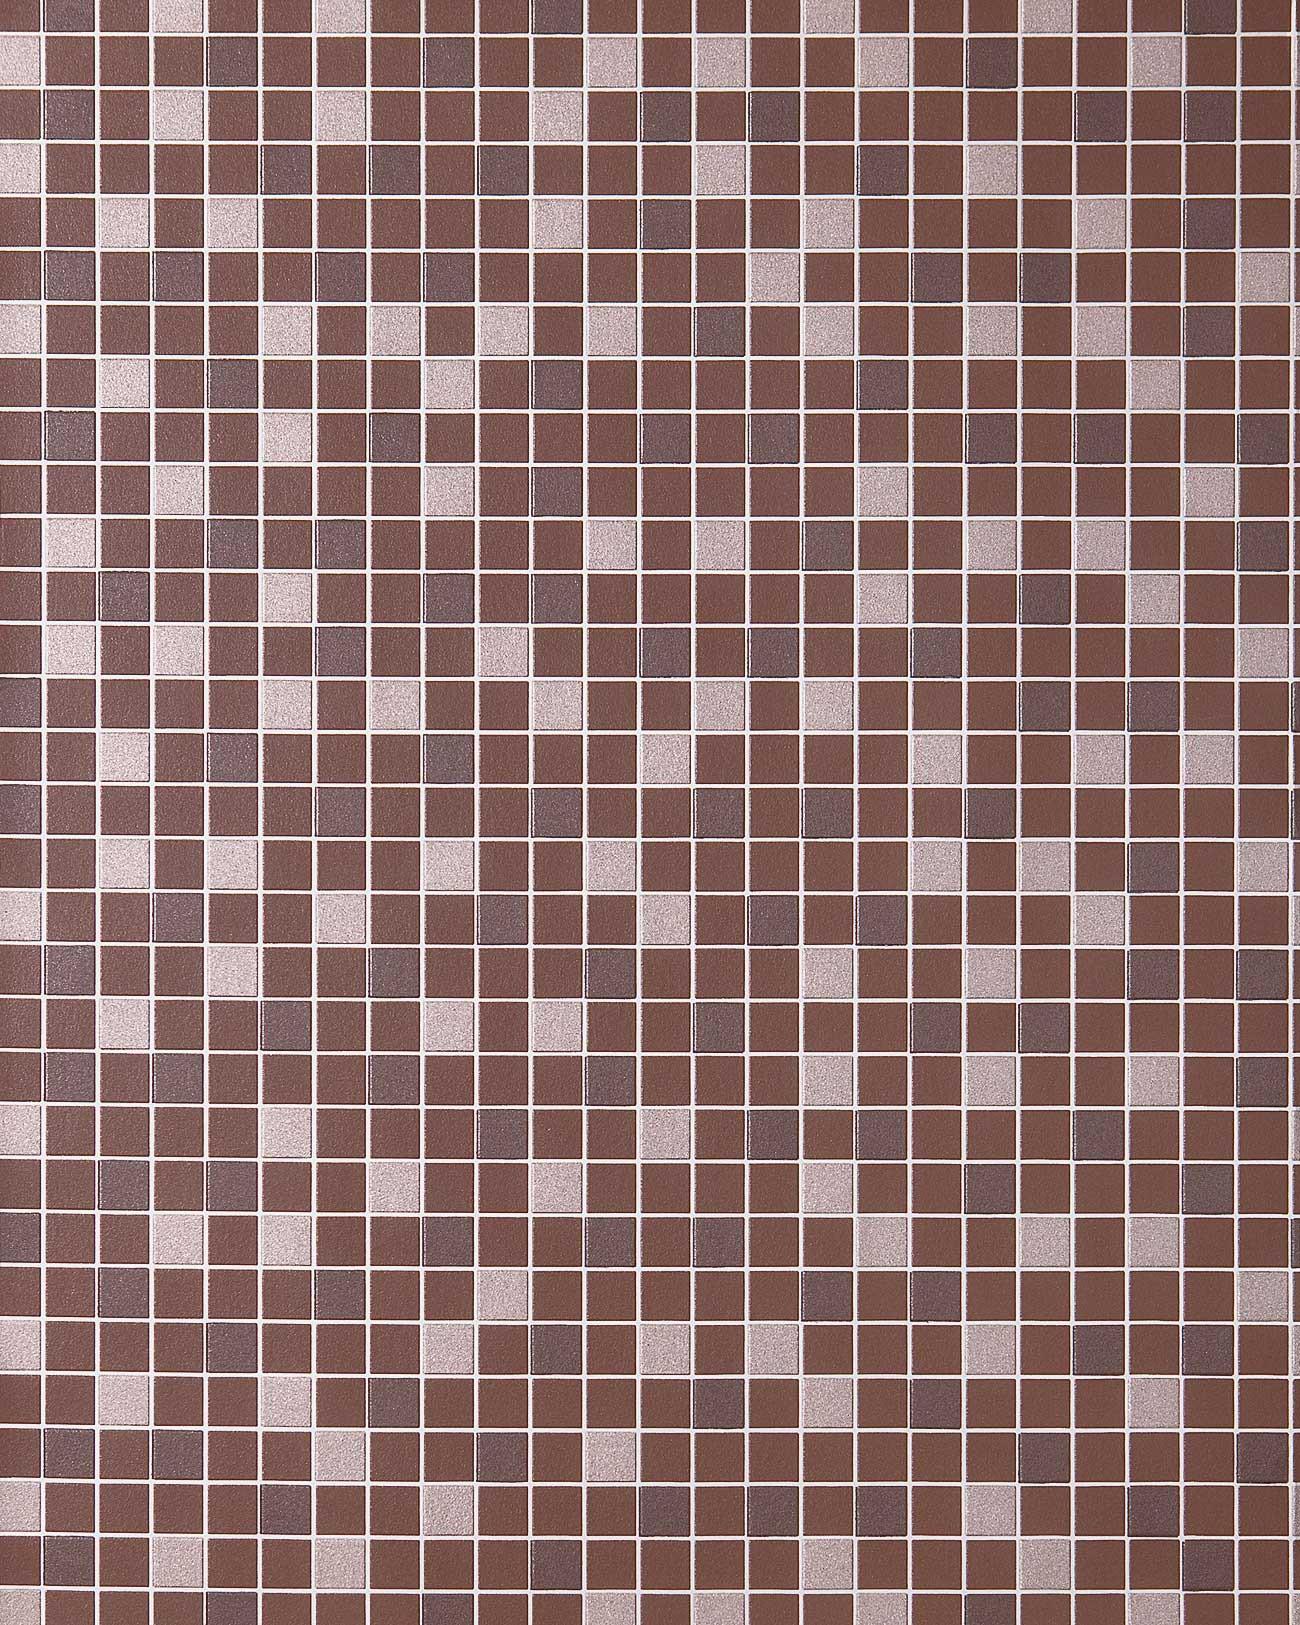 mosaikstein tapete k chentapete edem 1022 14 fliesen. Black Bedroom Furniture Sets. Home Design Ideas